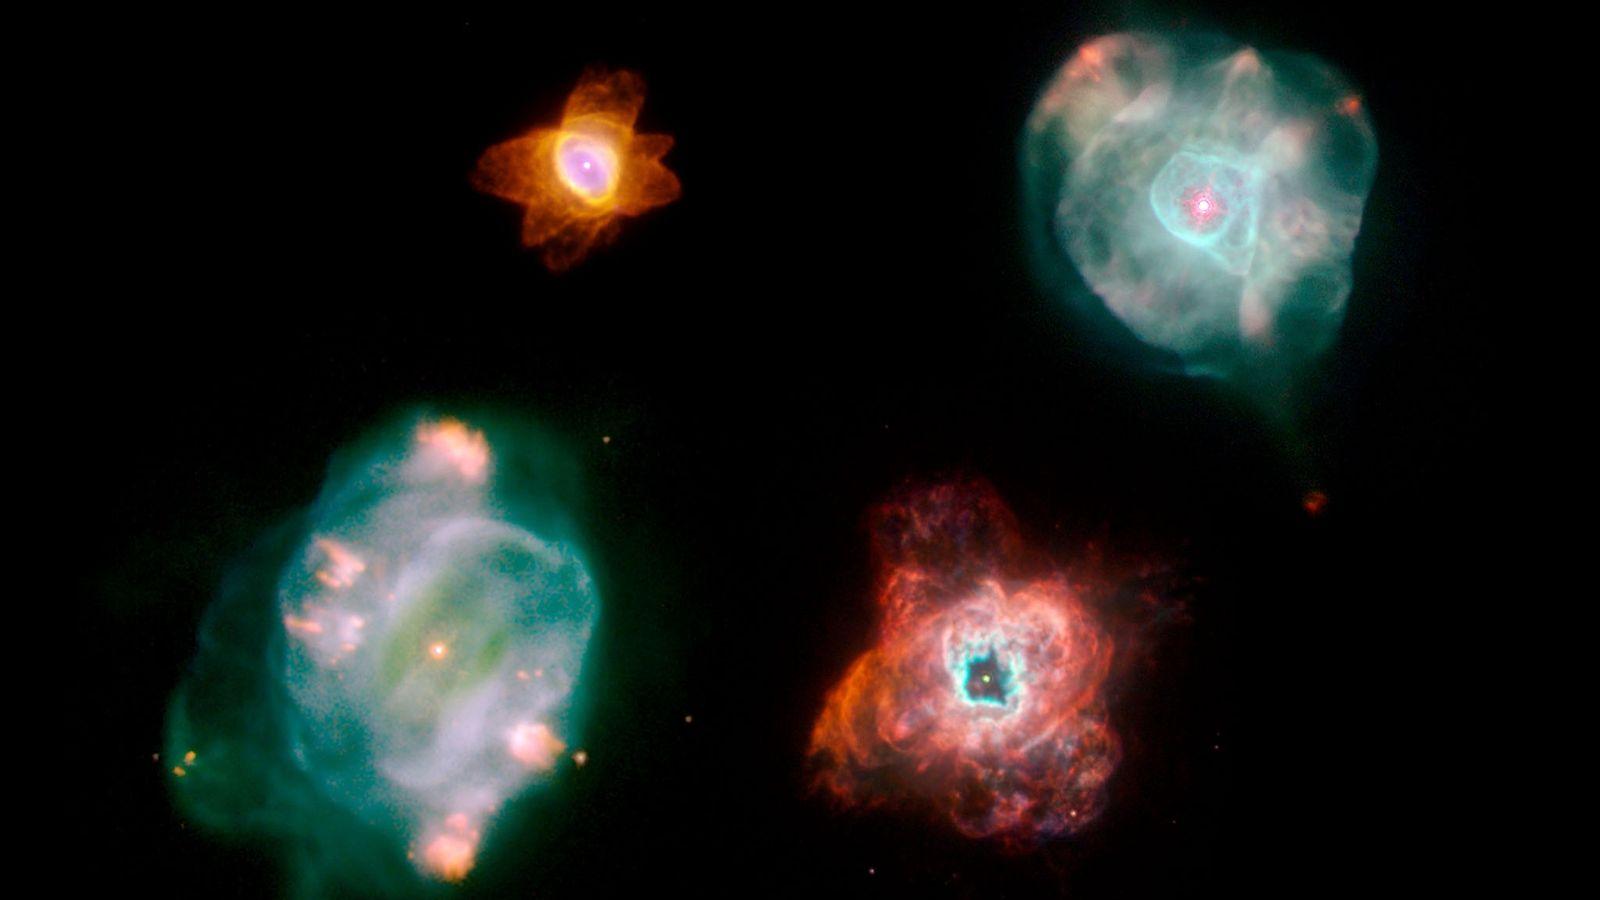 Les nébuleuses planétaires émettent des matériaux expulsés par les étoiles mourantes.